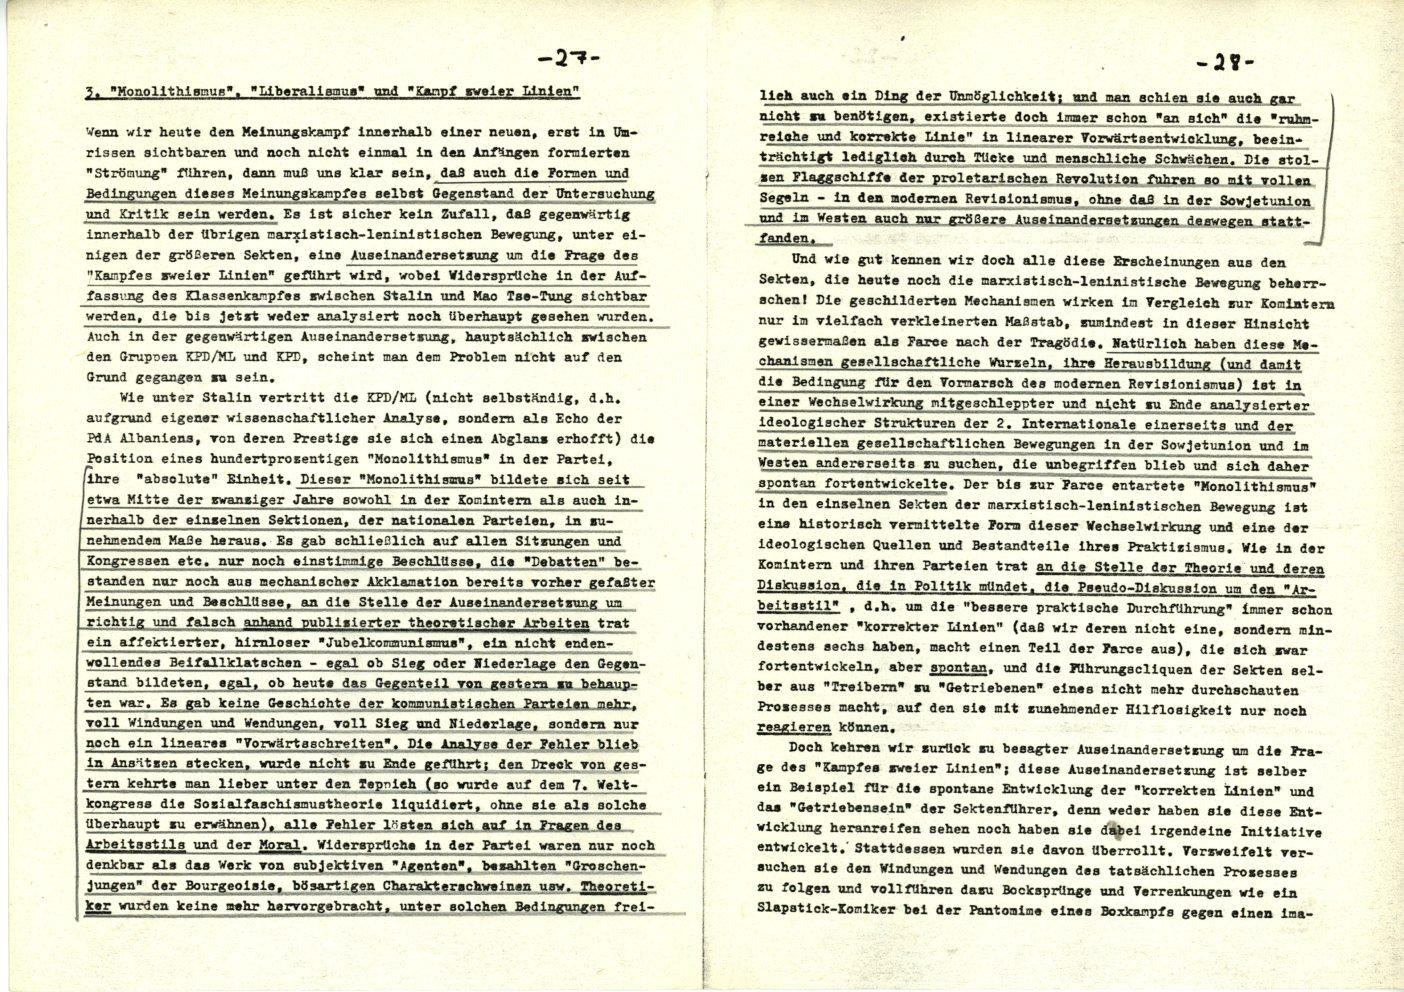 Nuernberg_Fuerth_Erlangen_ML_Diskussionsbeitraege_1978_01_15